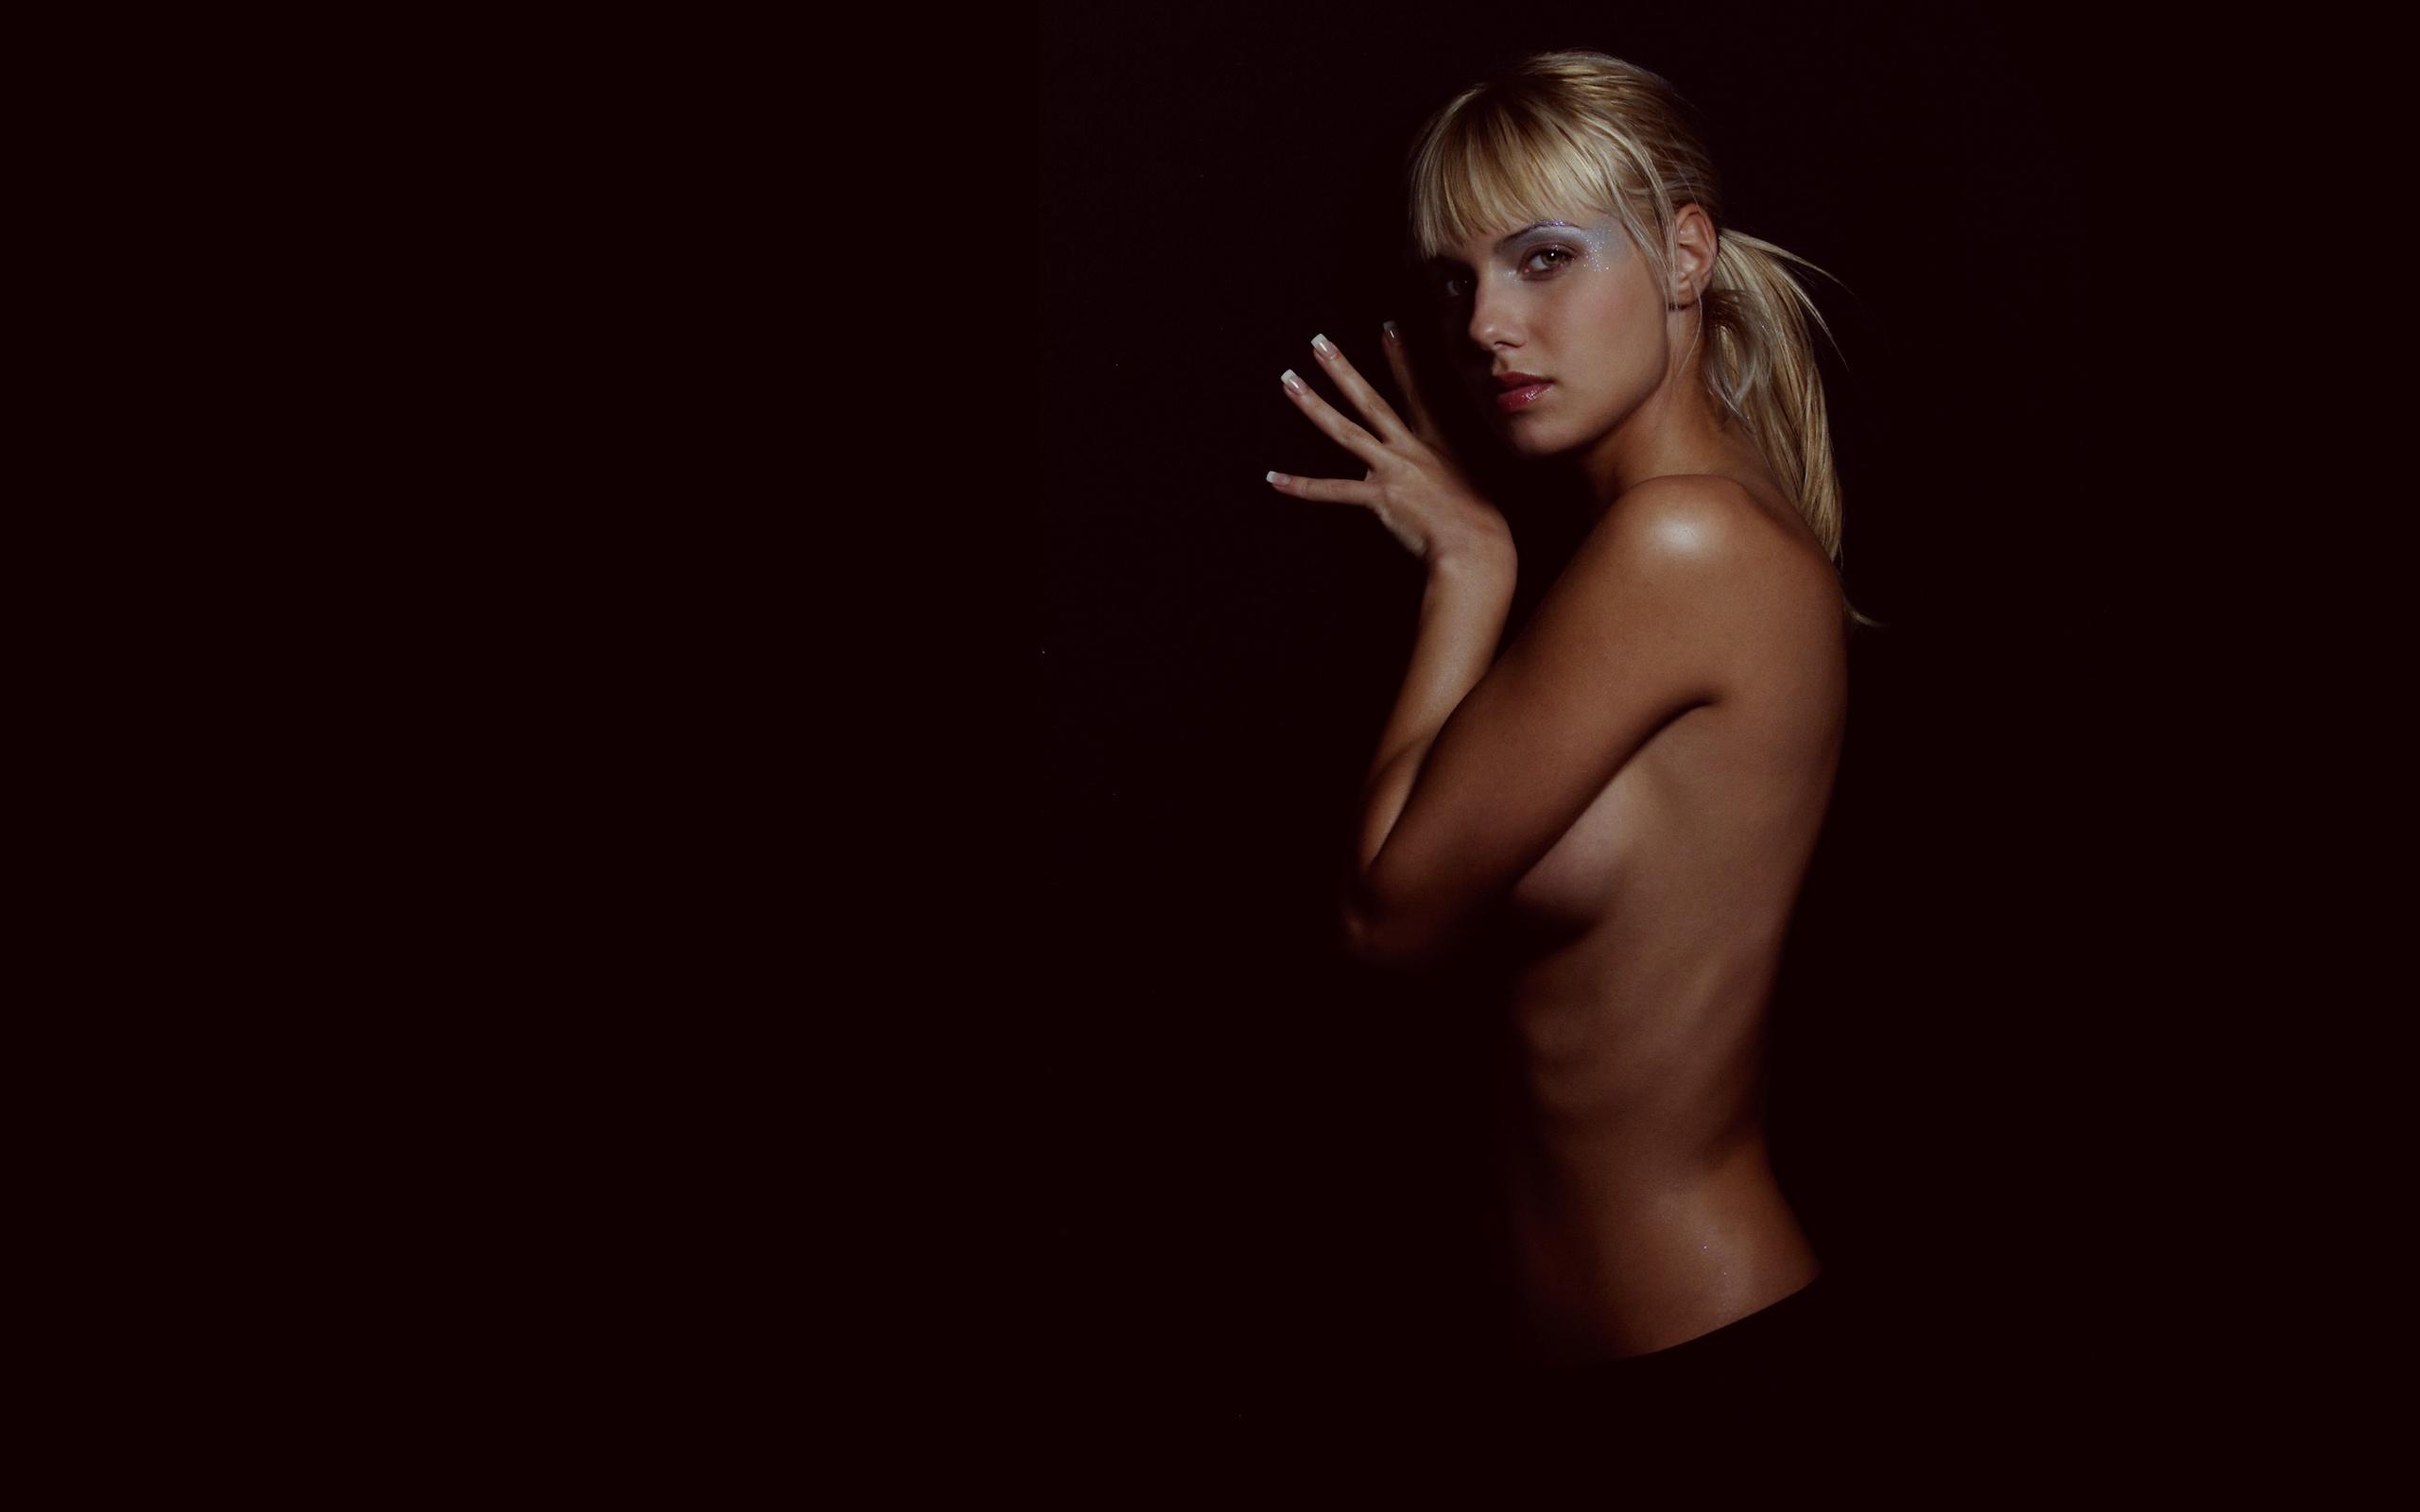 Эротика фото черный фон, Стройное голое тело статной девушки на черном фоне 1 фотография